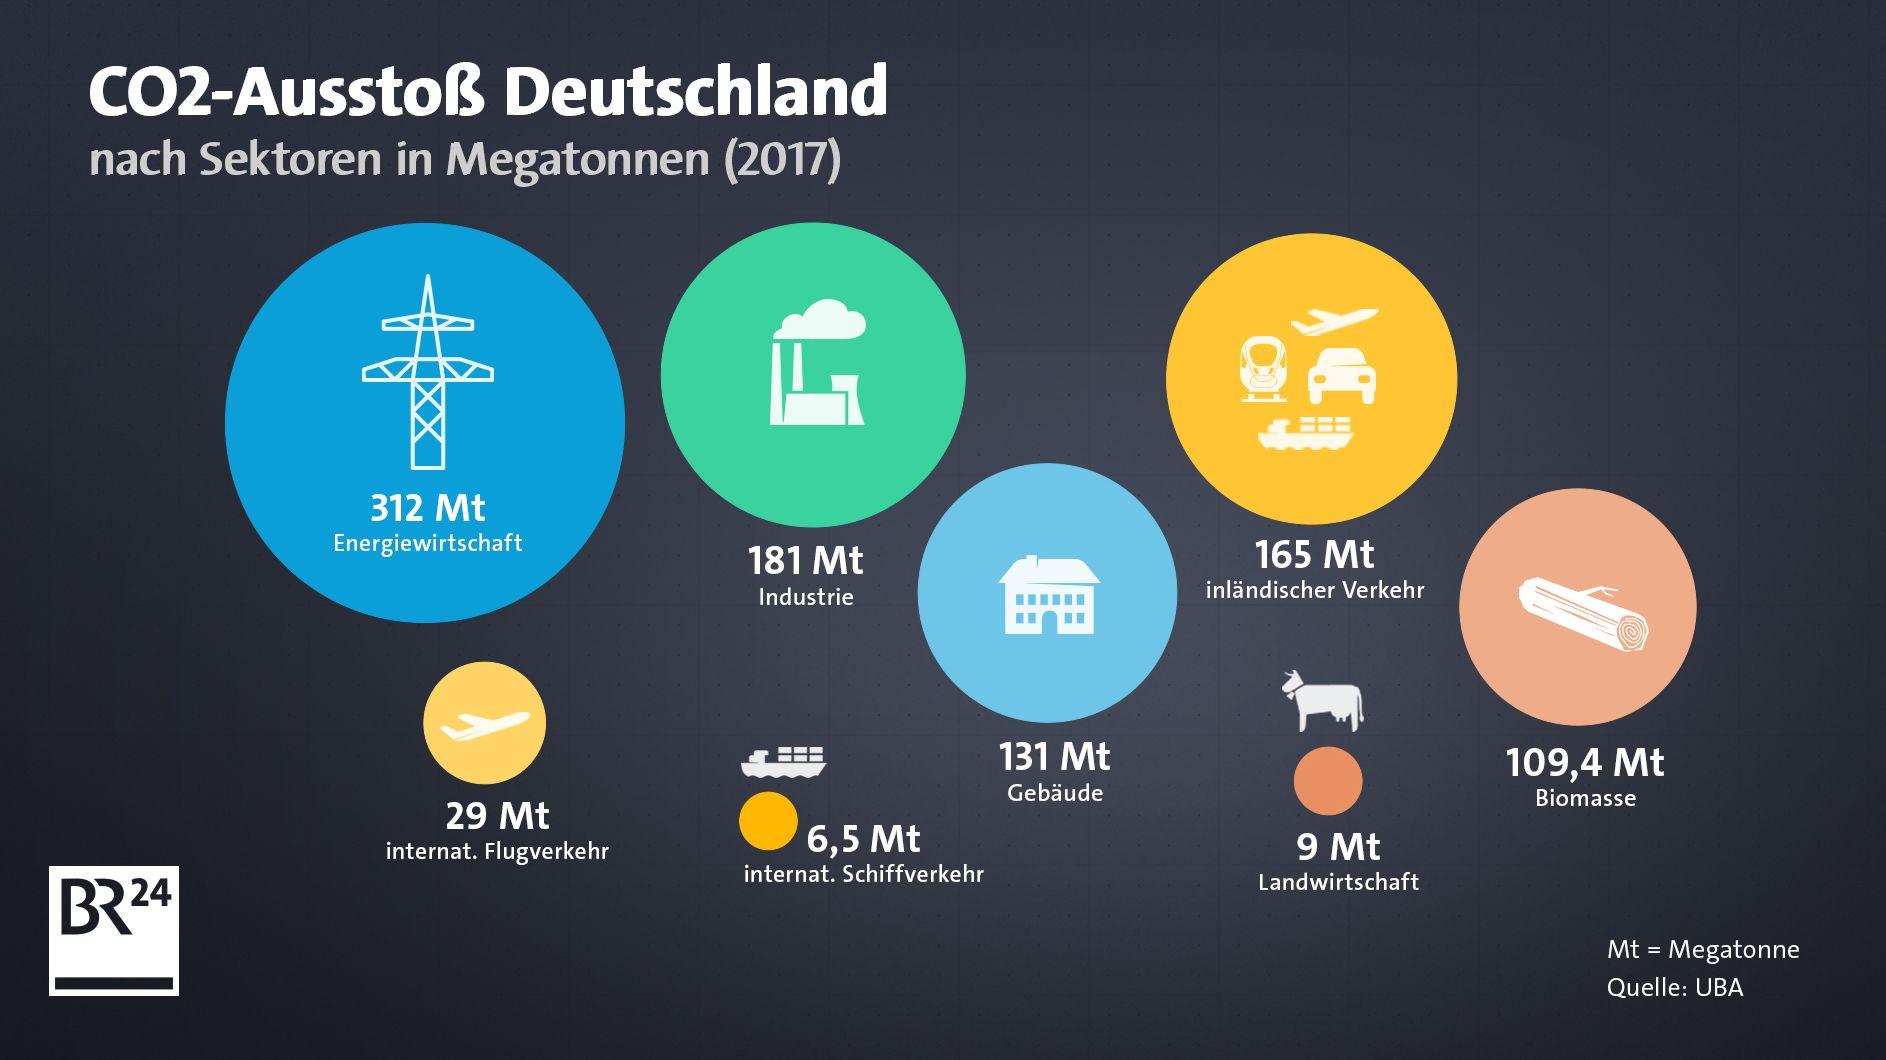 CO2-Ausstoß Deutschland